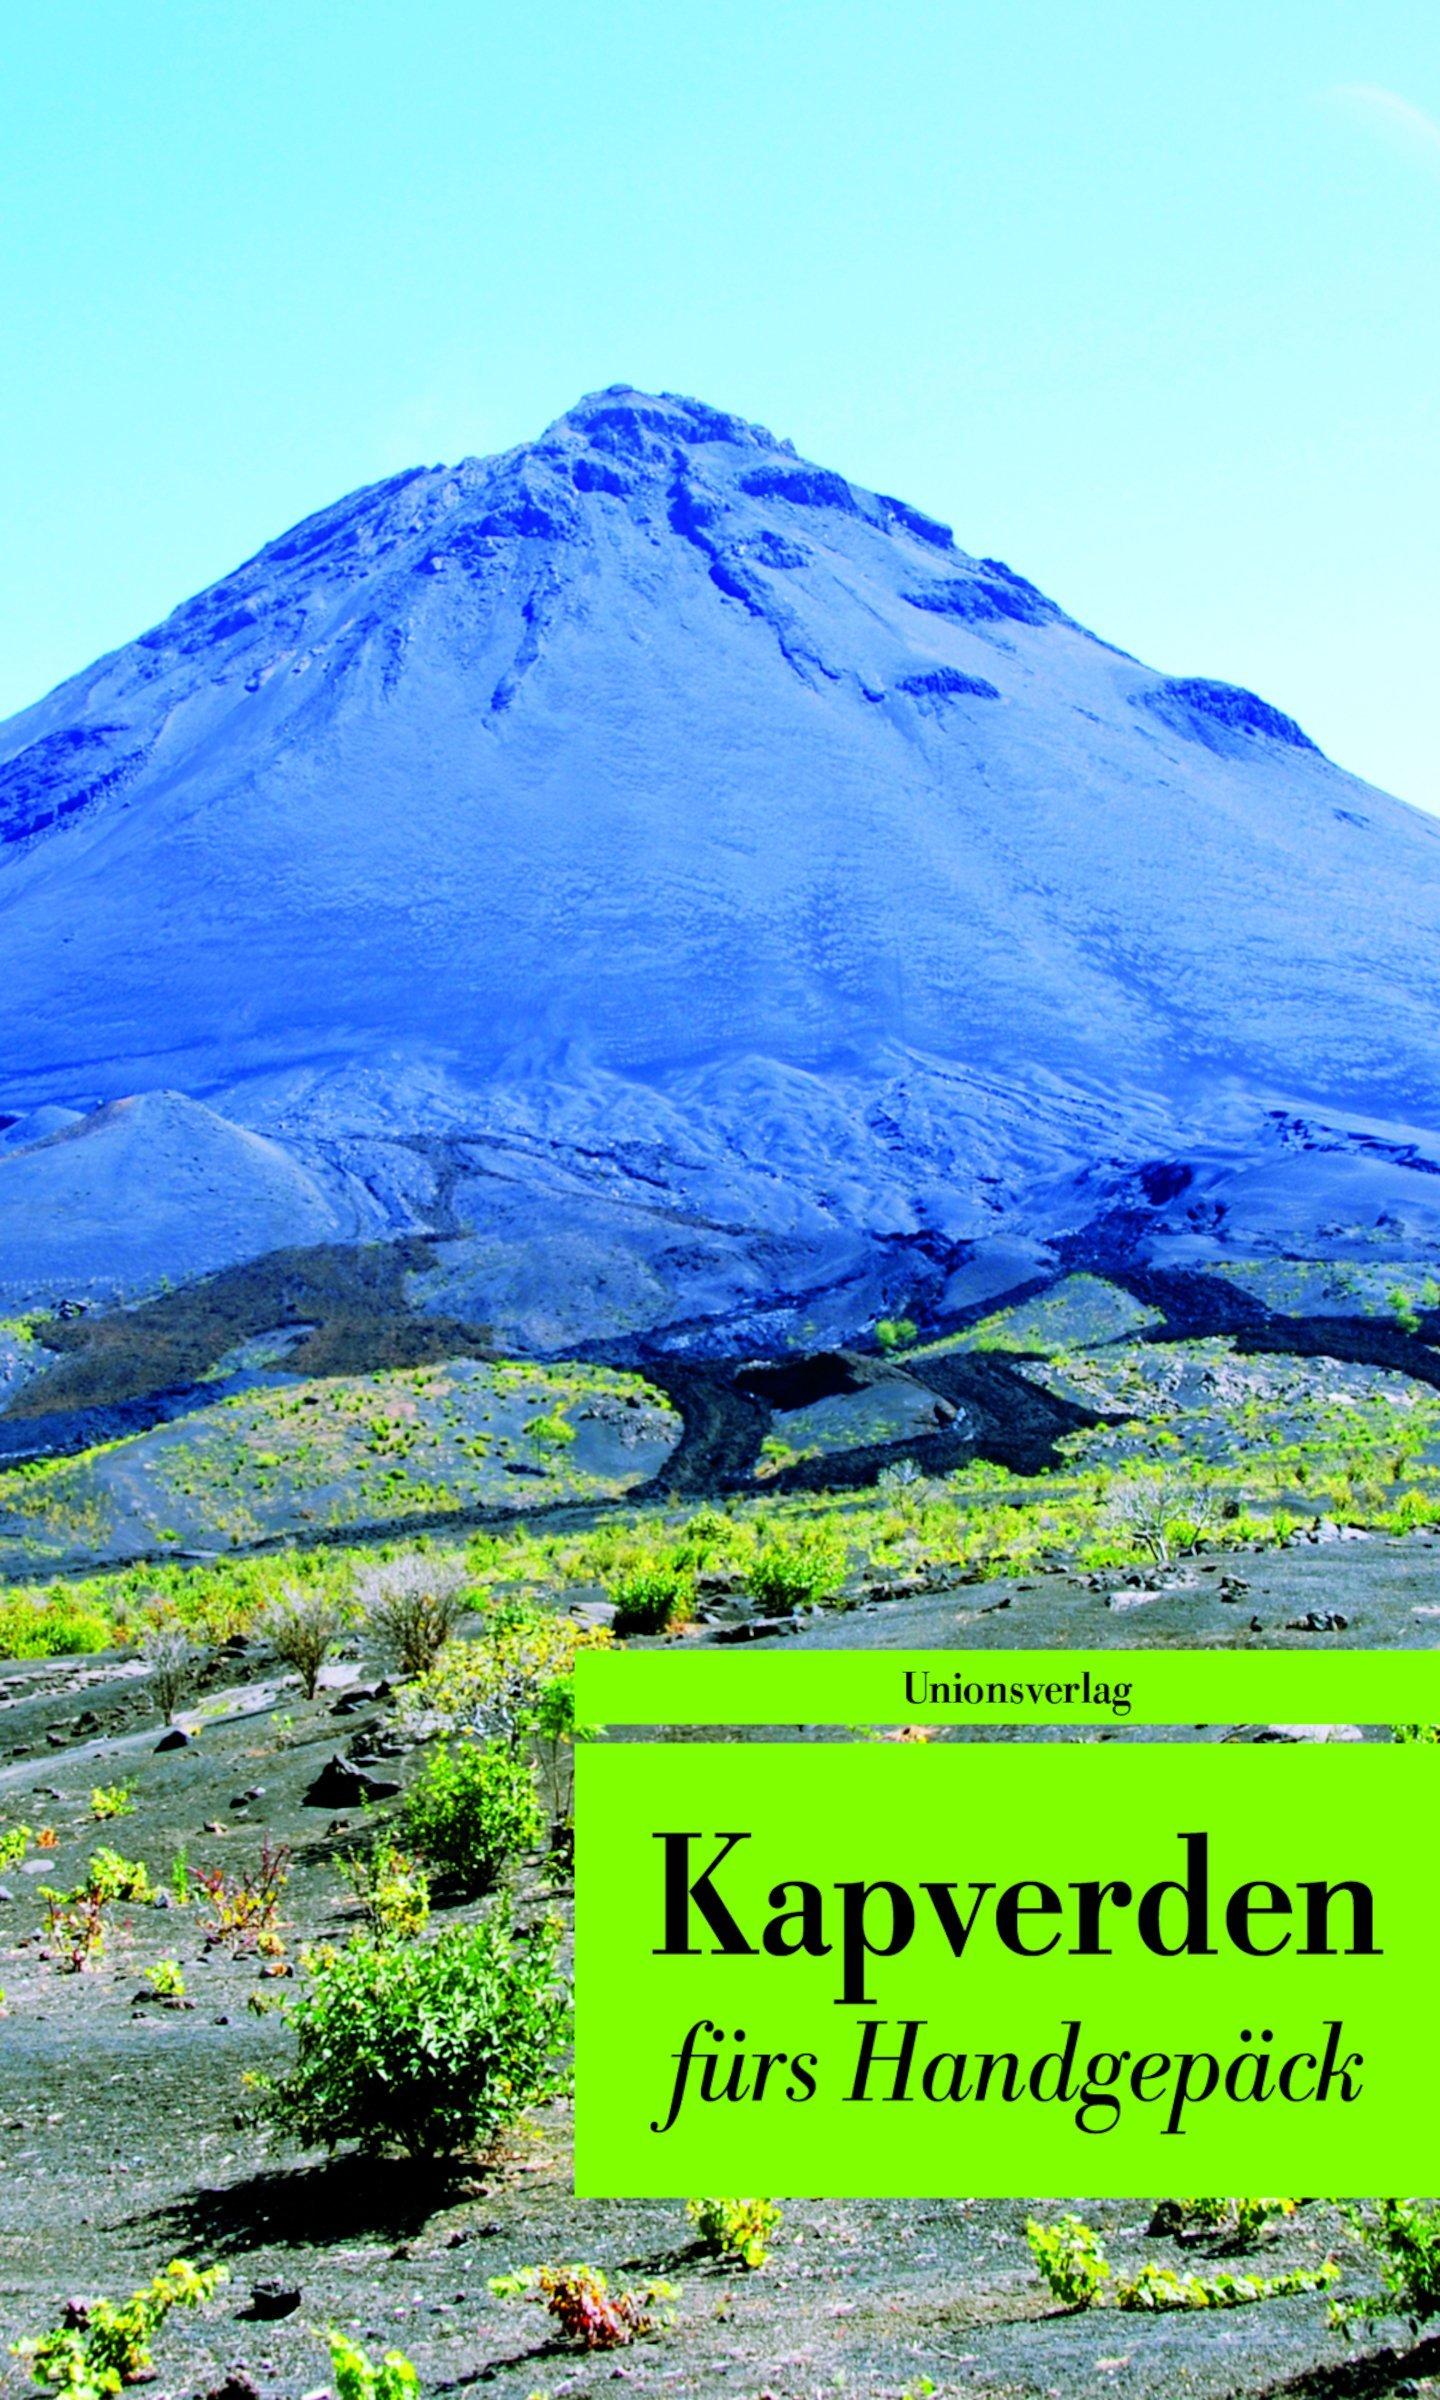 Kapverden fürs Handgepäck: Geschichten und Berichte - Ein Kulturkompass (Unionsverlag Taschenbücher)